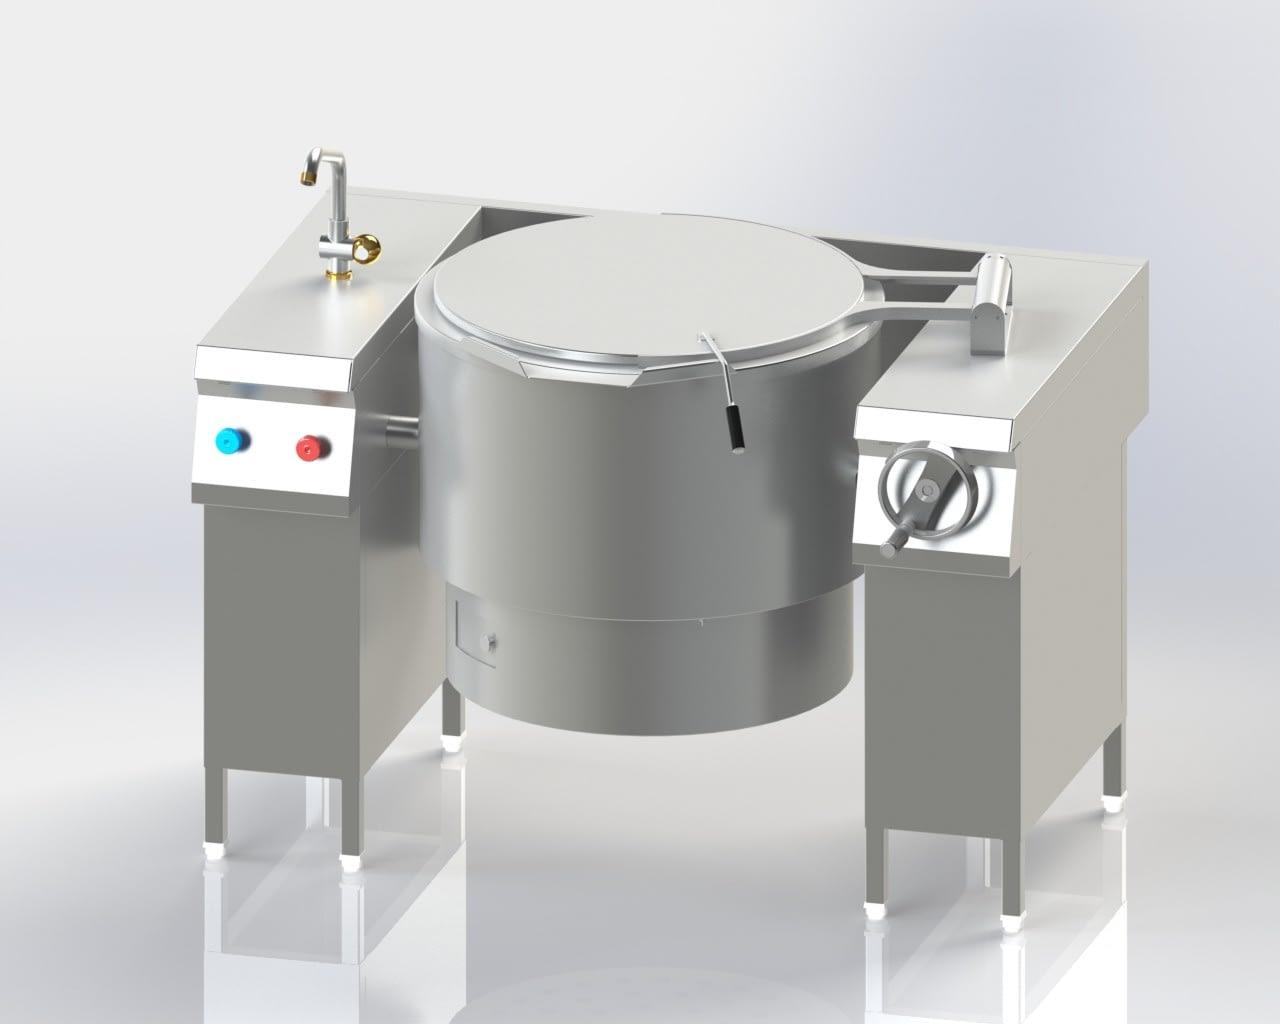 Tilting Boiling Pan (Gas)